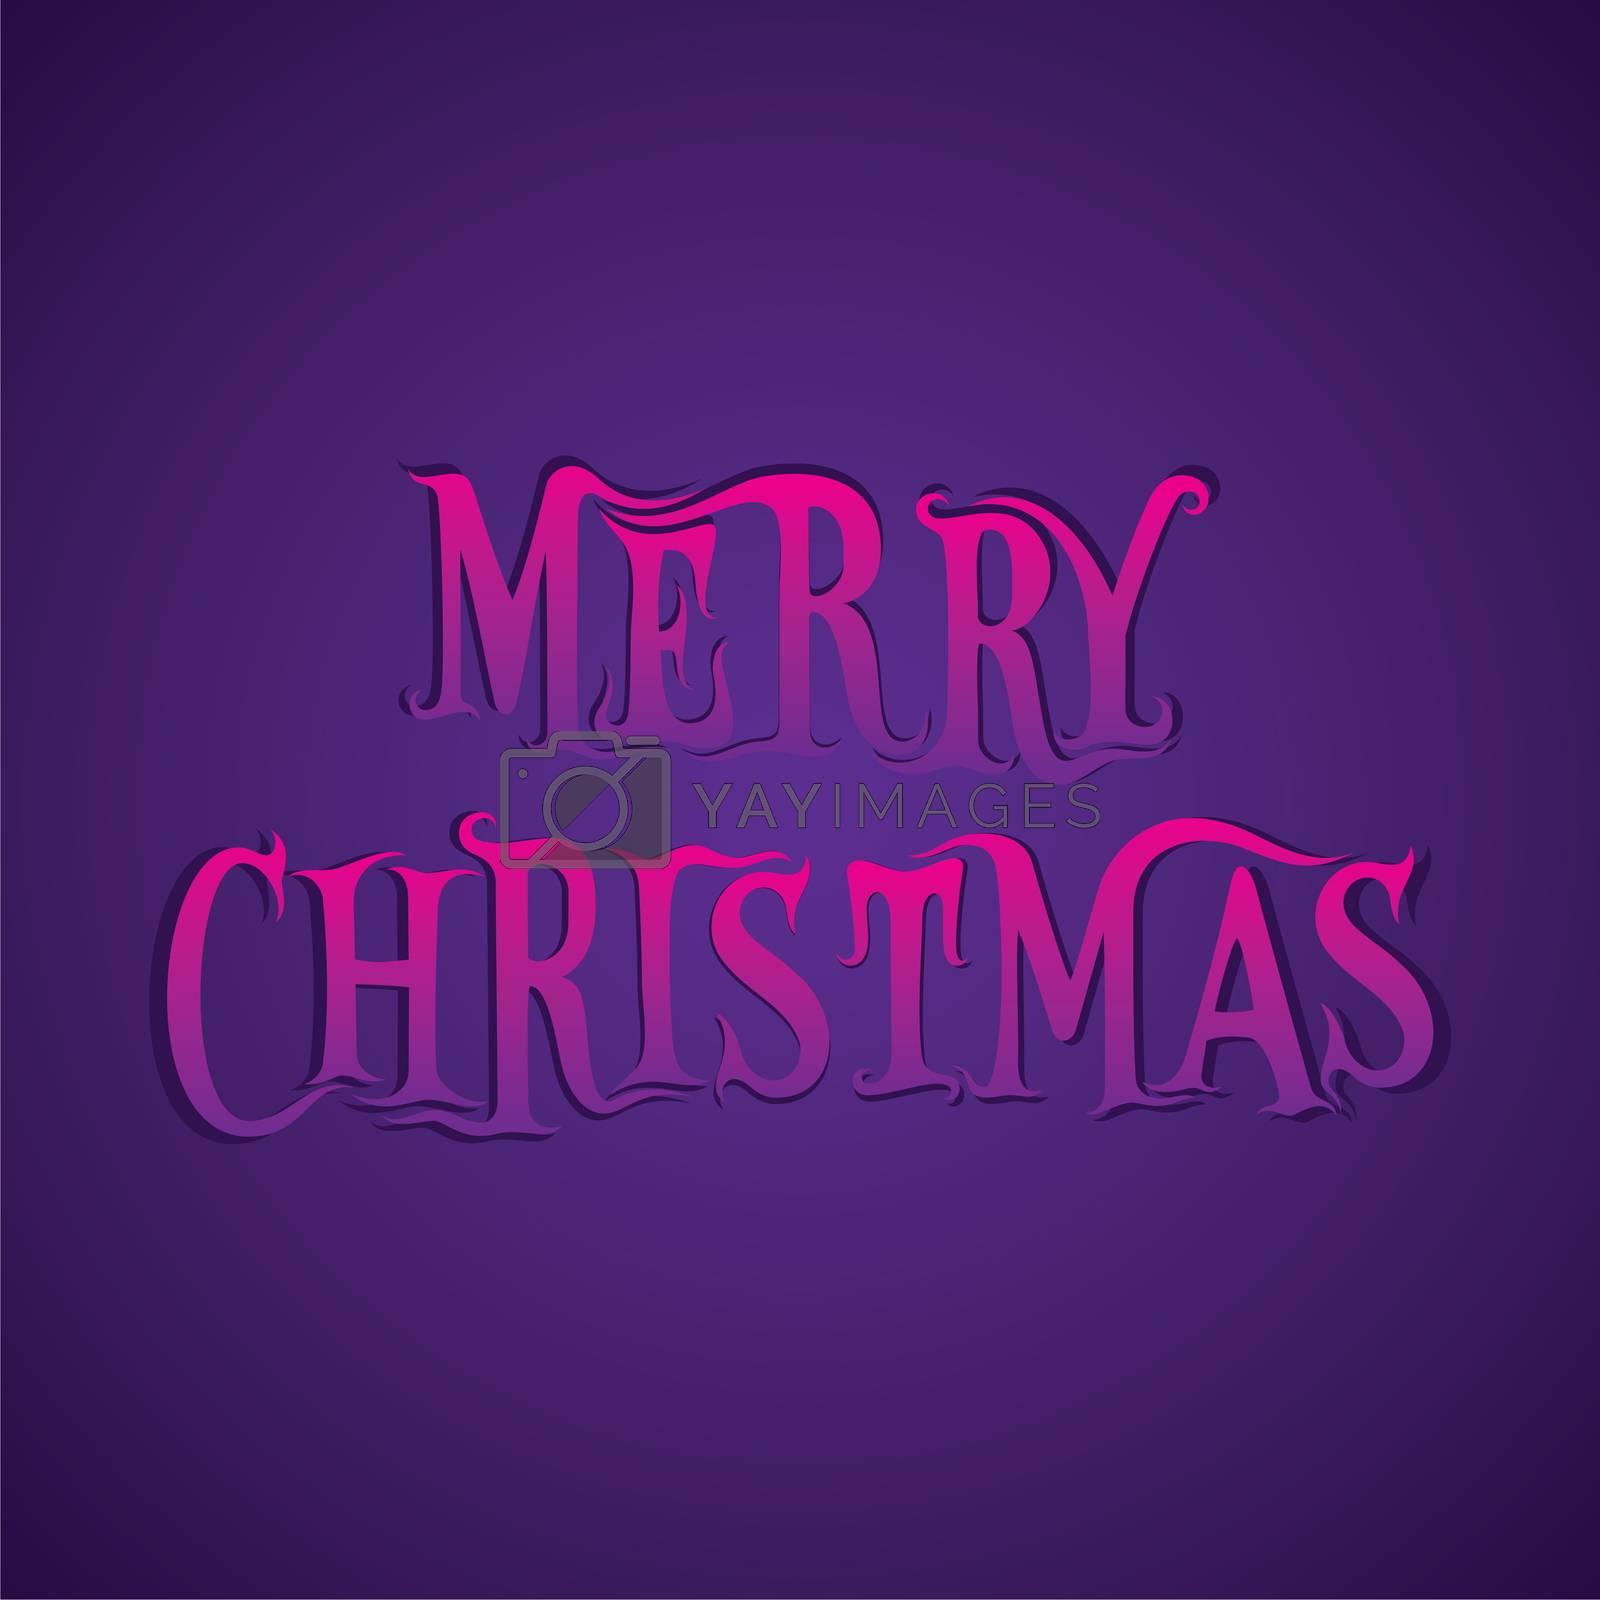 creative merry christmas poster design vector